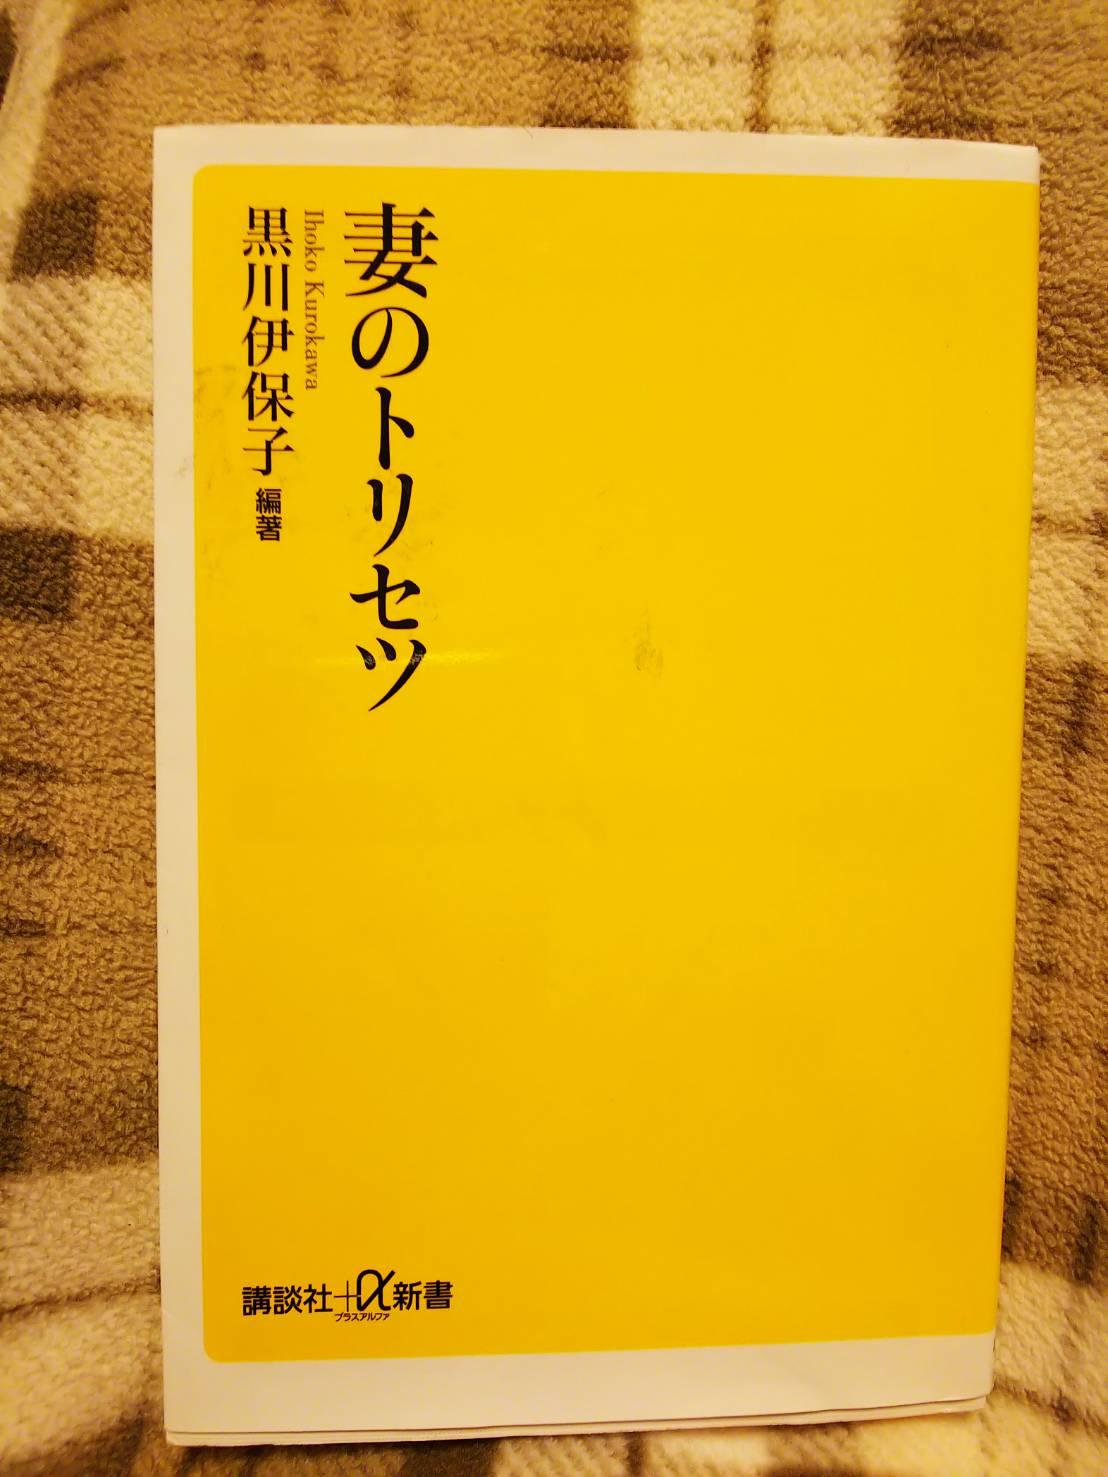 「「妻のトリセツ」 著/黒川伊保子/講談社」の写真